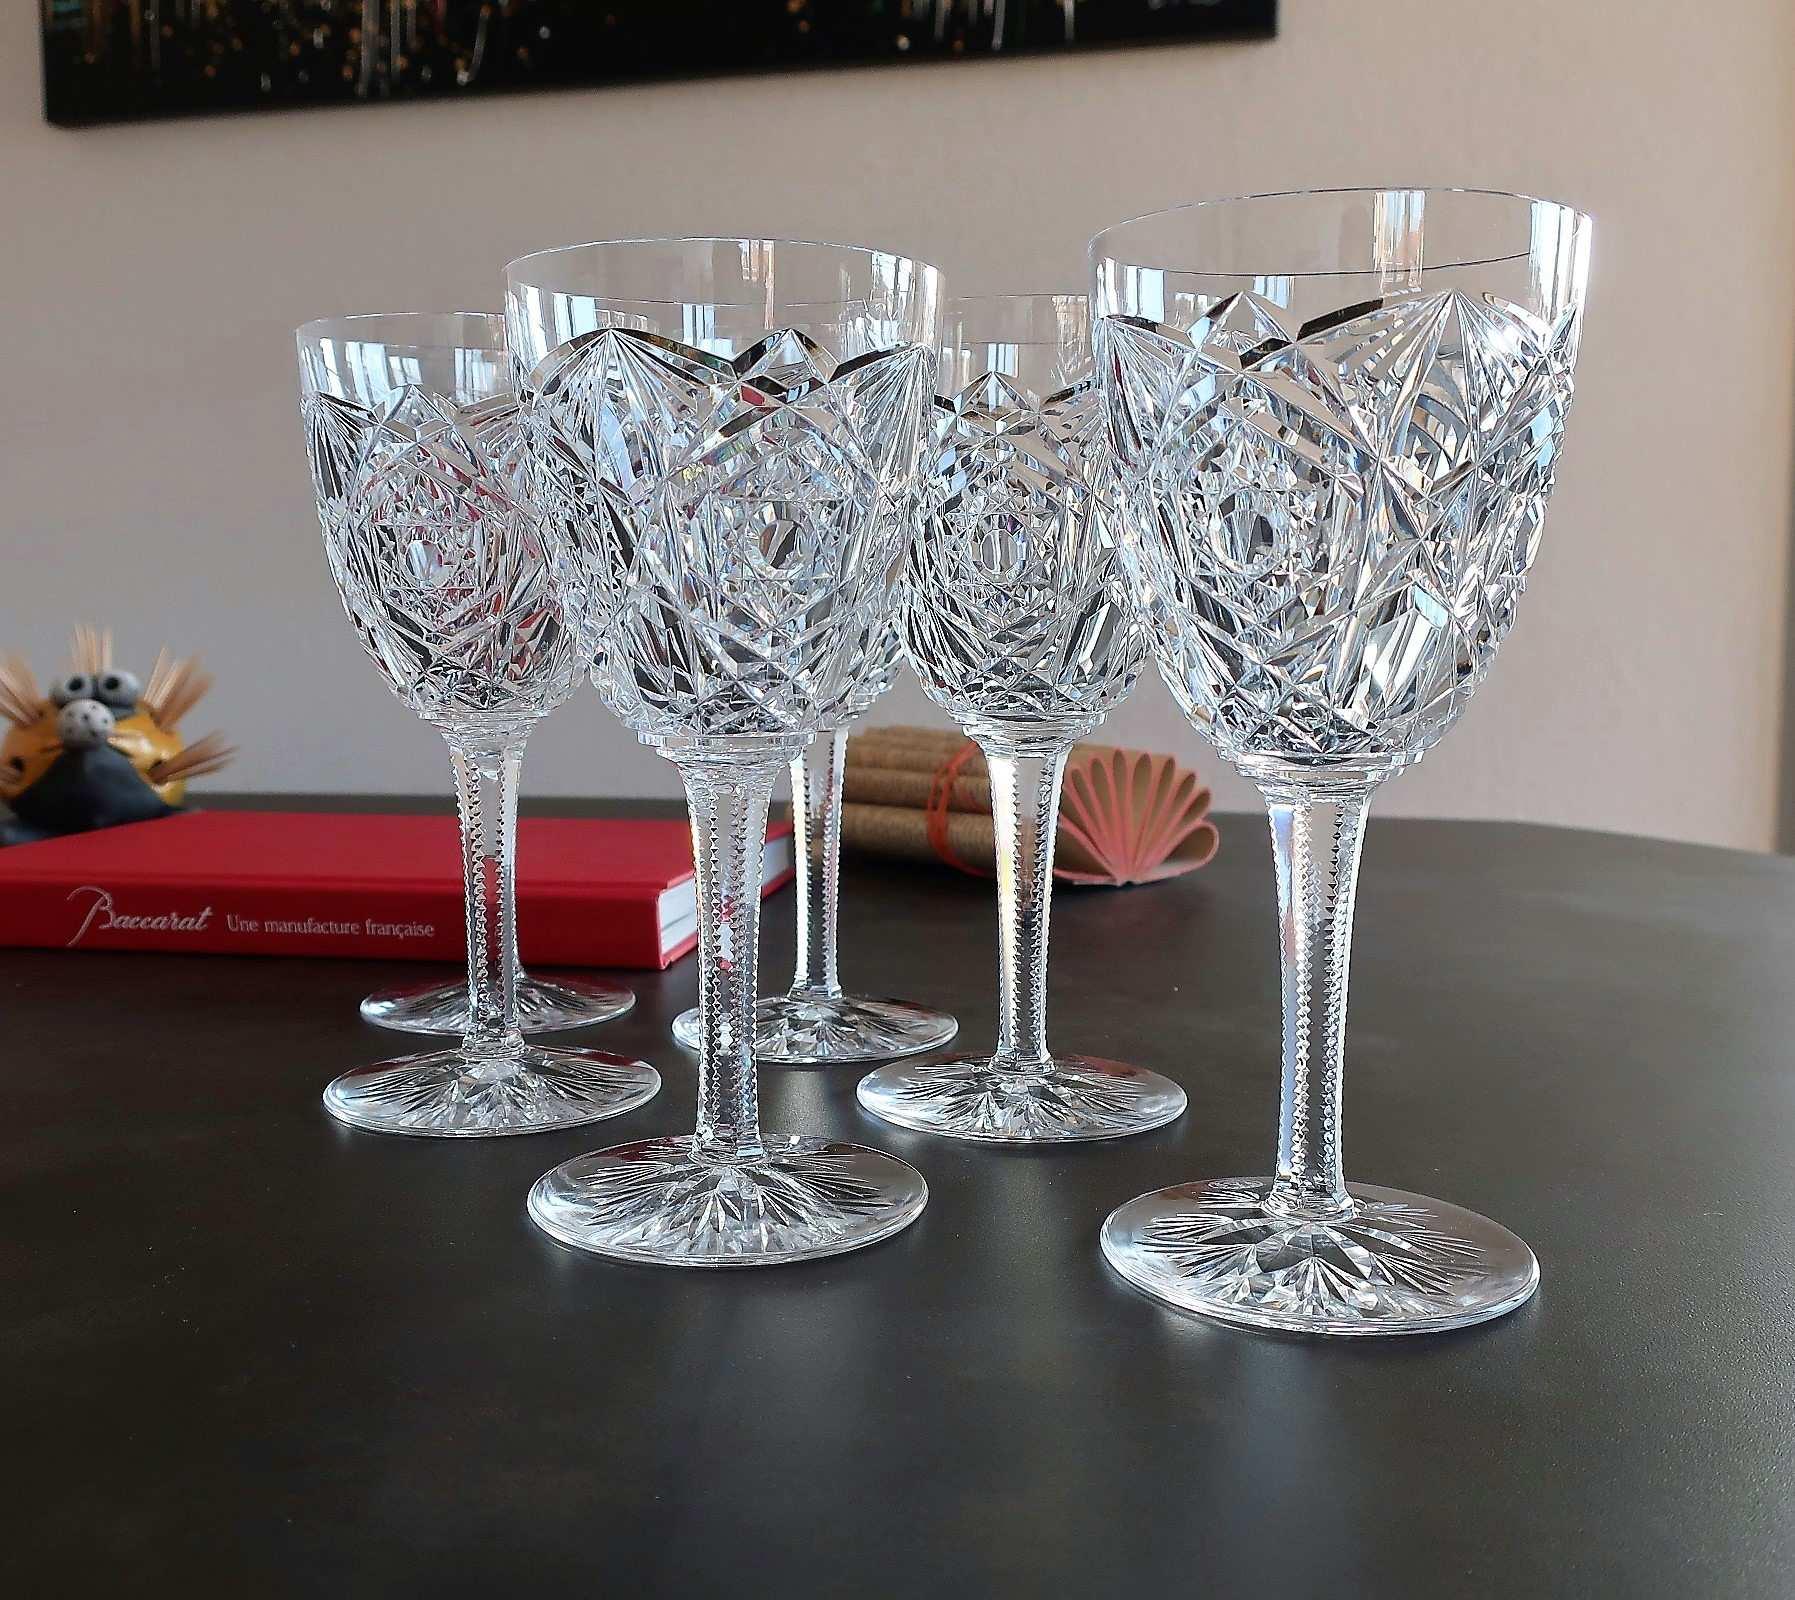 Verres Lagny cristal Baccarat